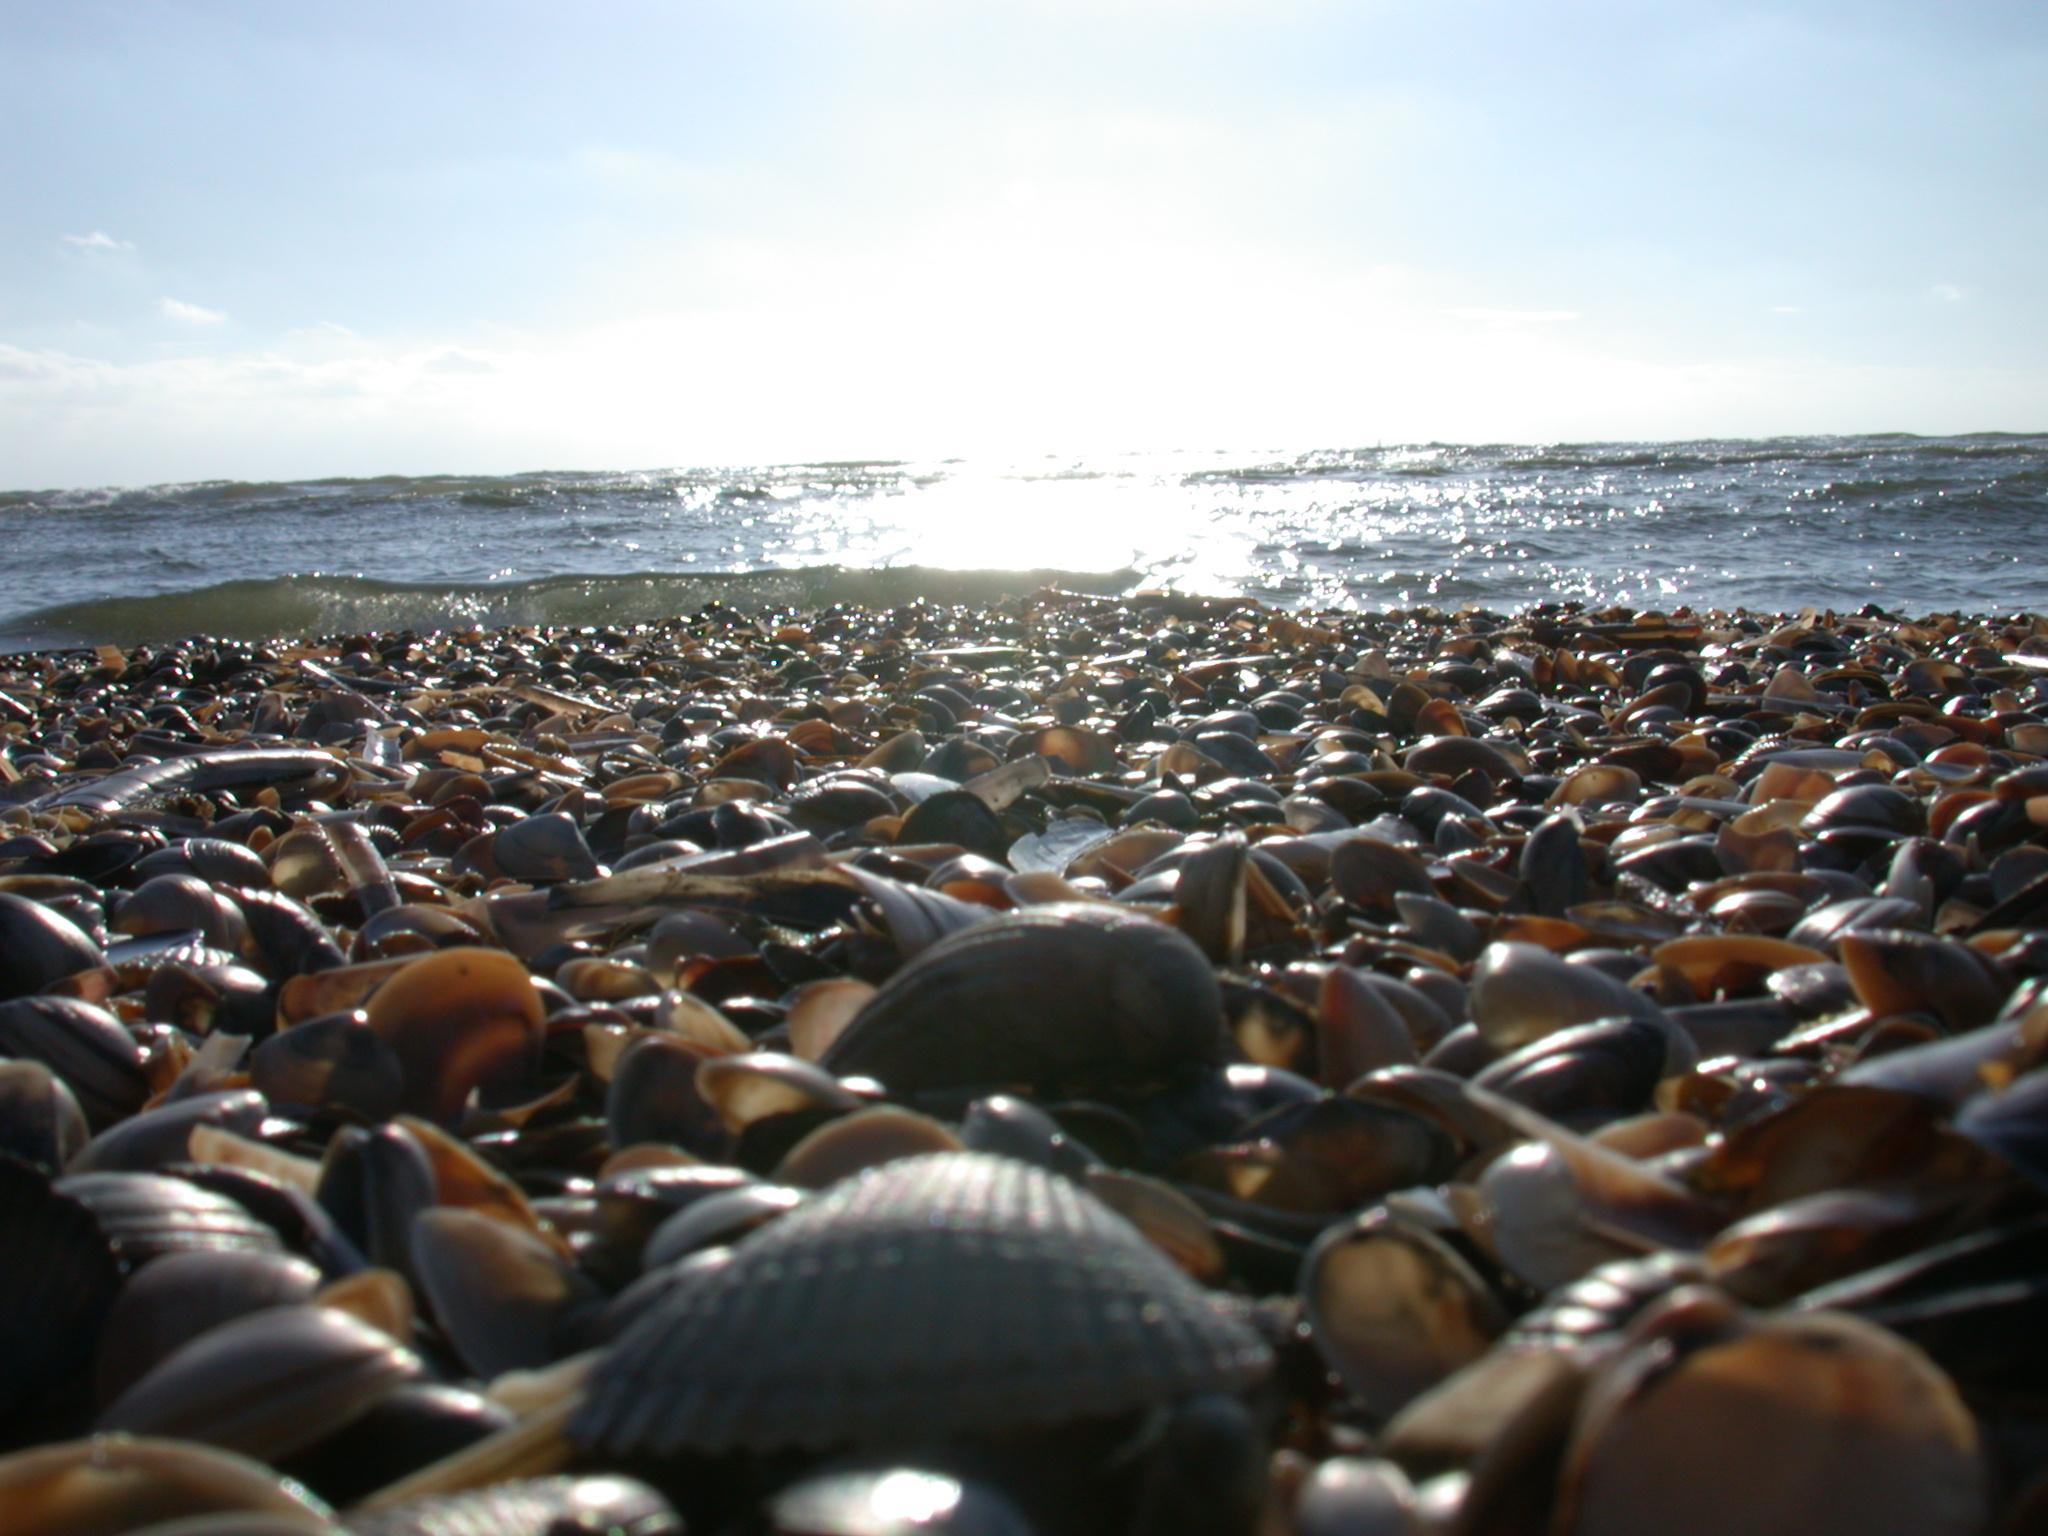 shells on beach ocean sun wet shore